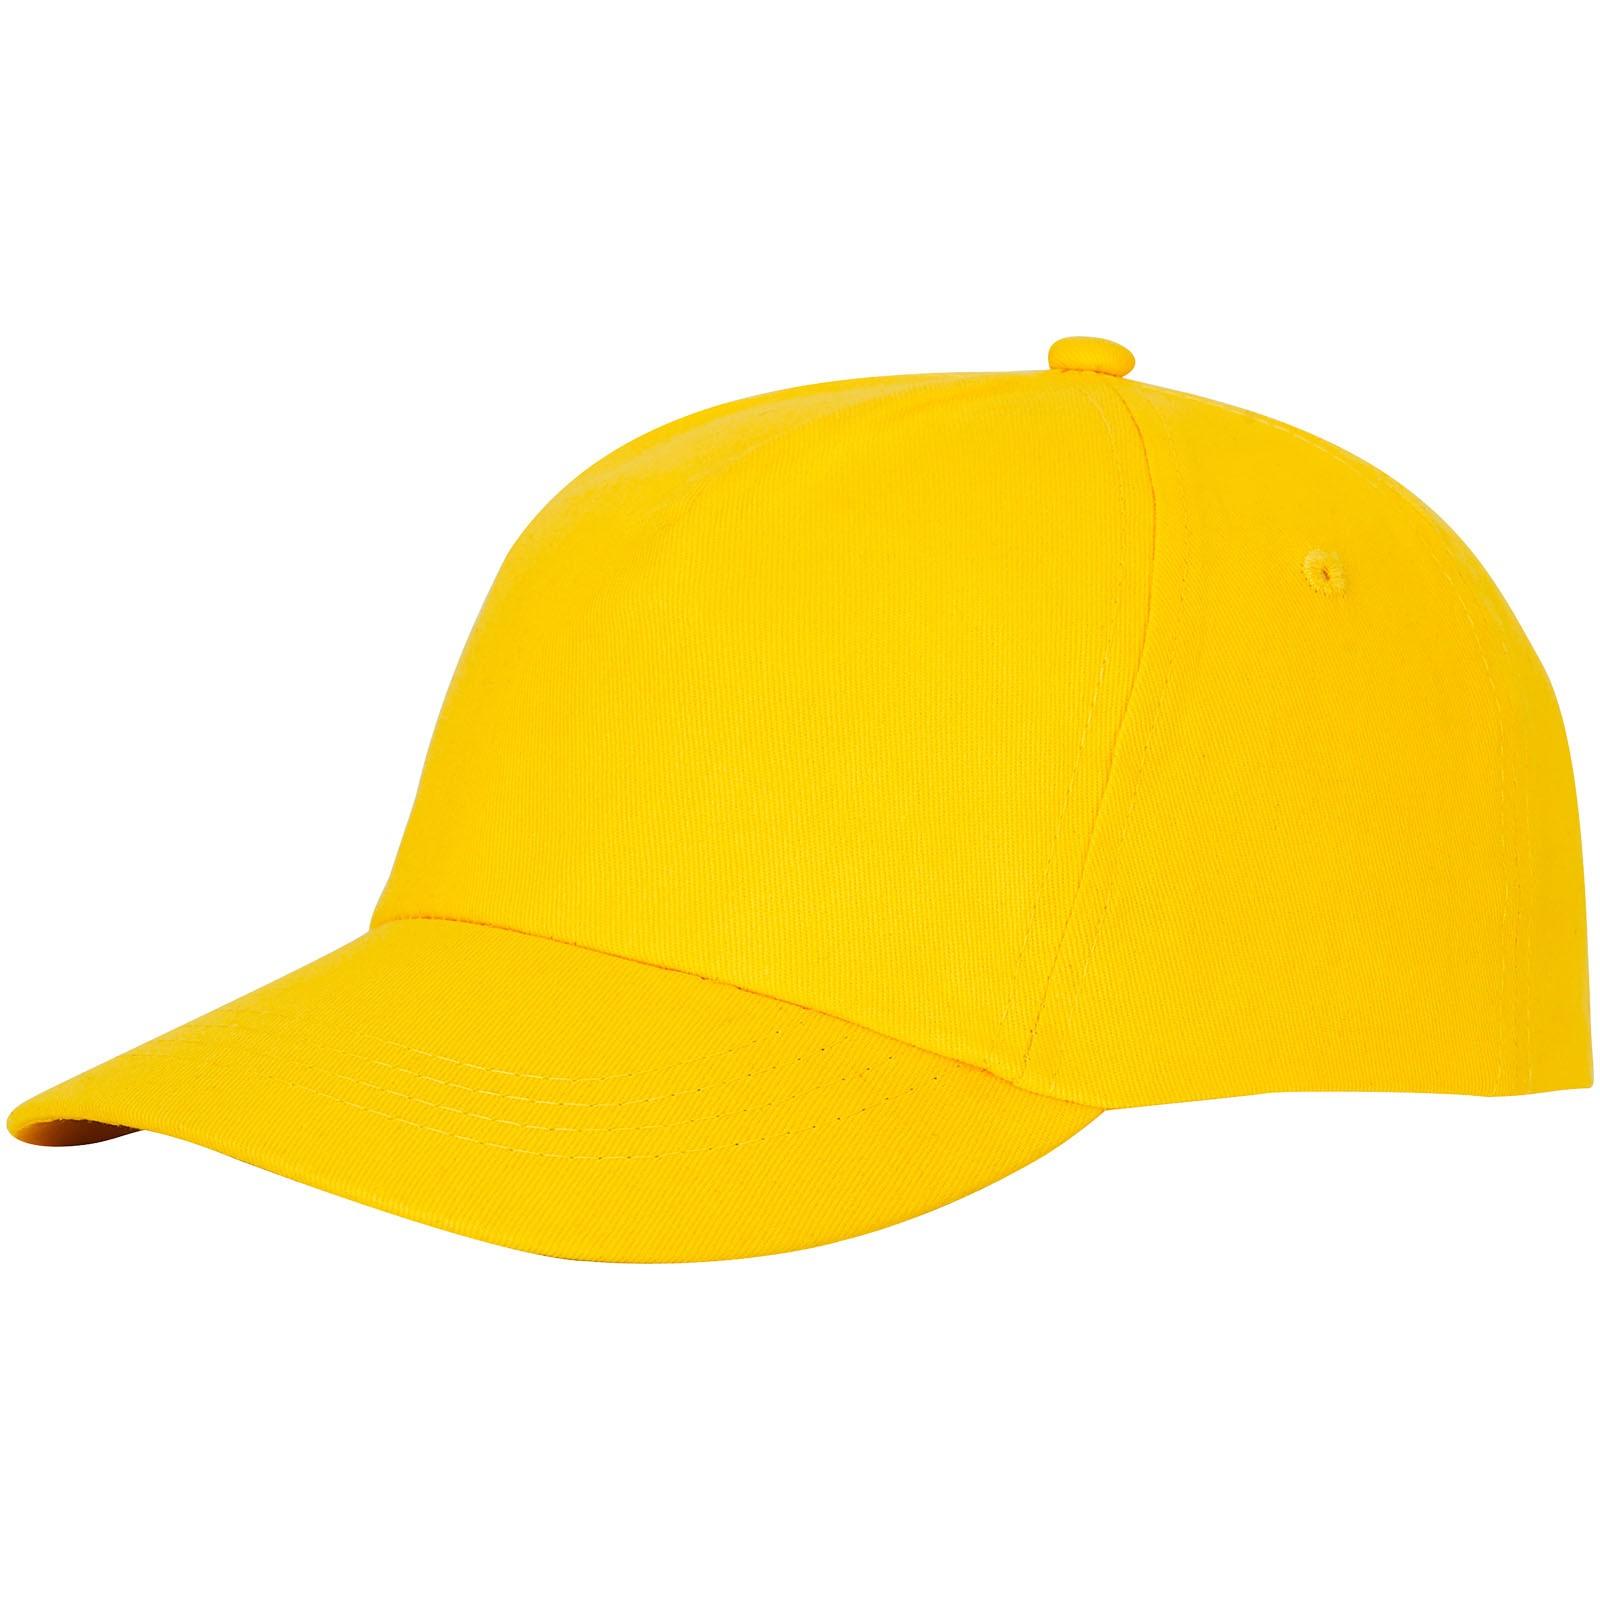 Čepice Feniks, 5 panelů - Žlutá